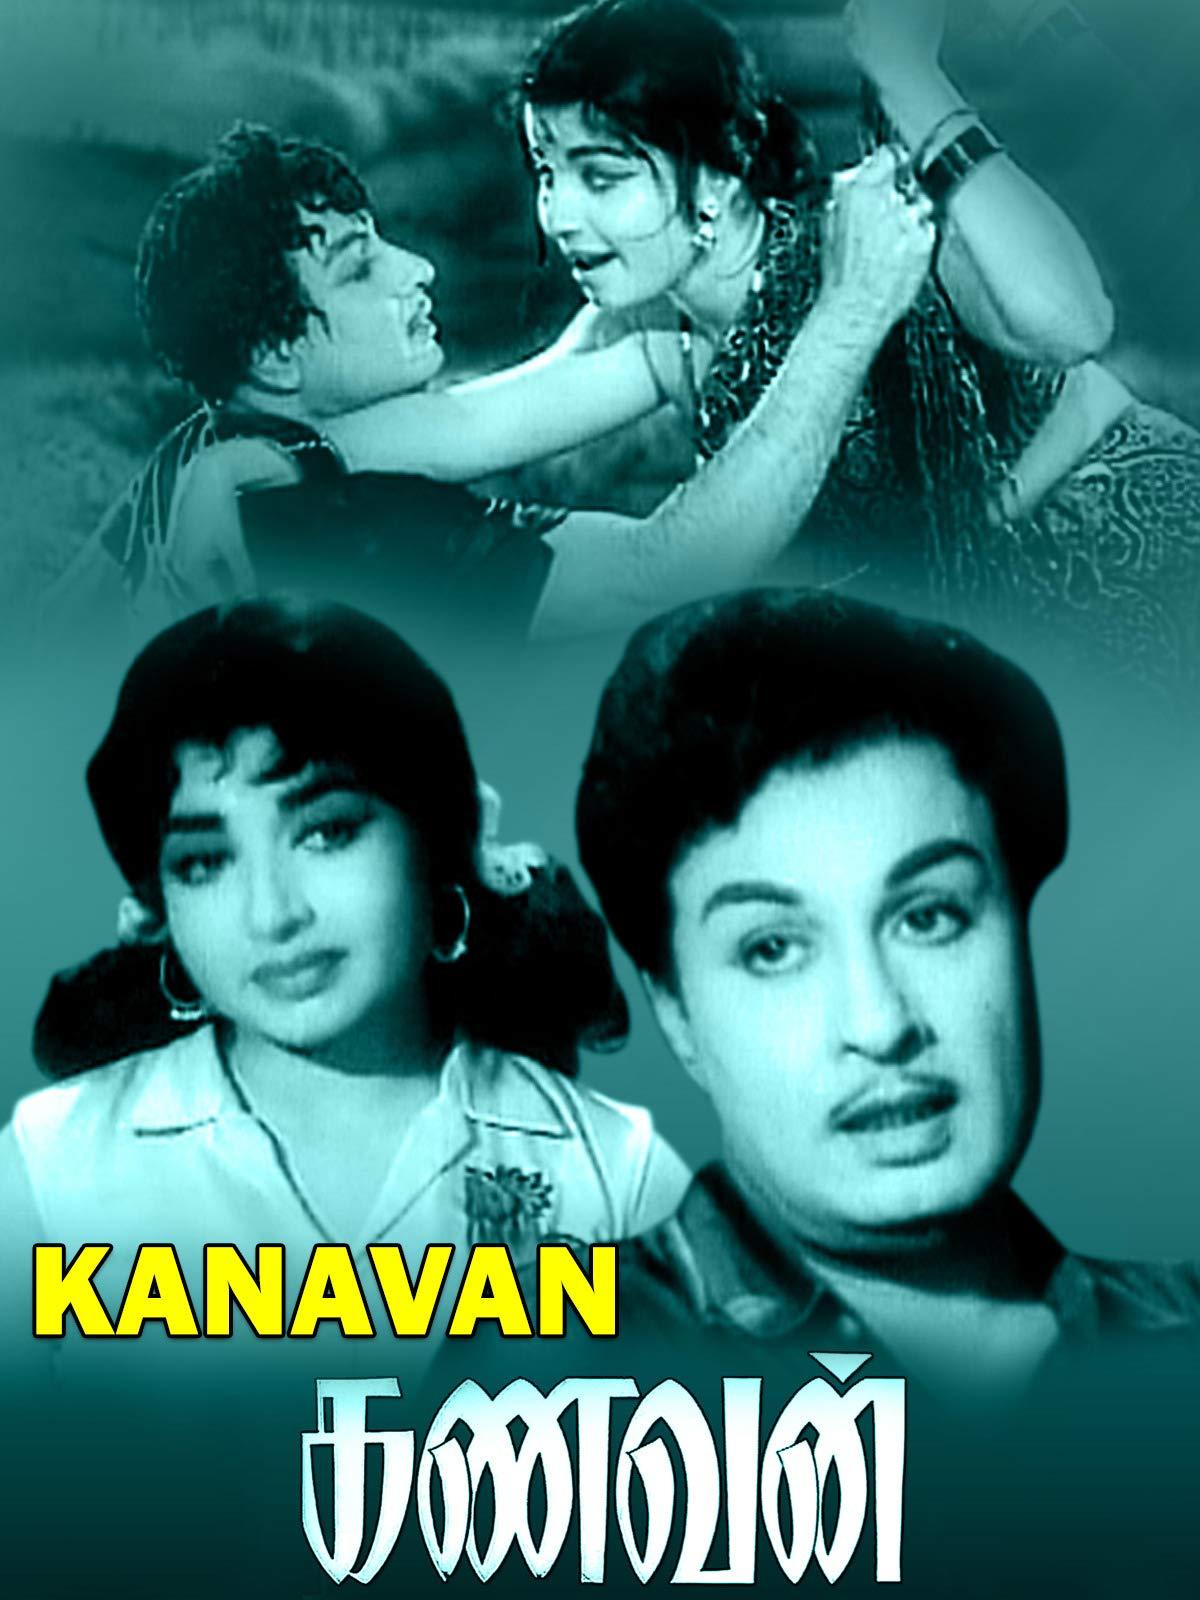 Kanavan